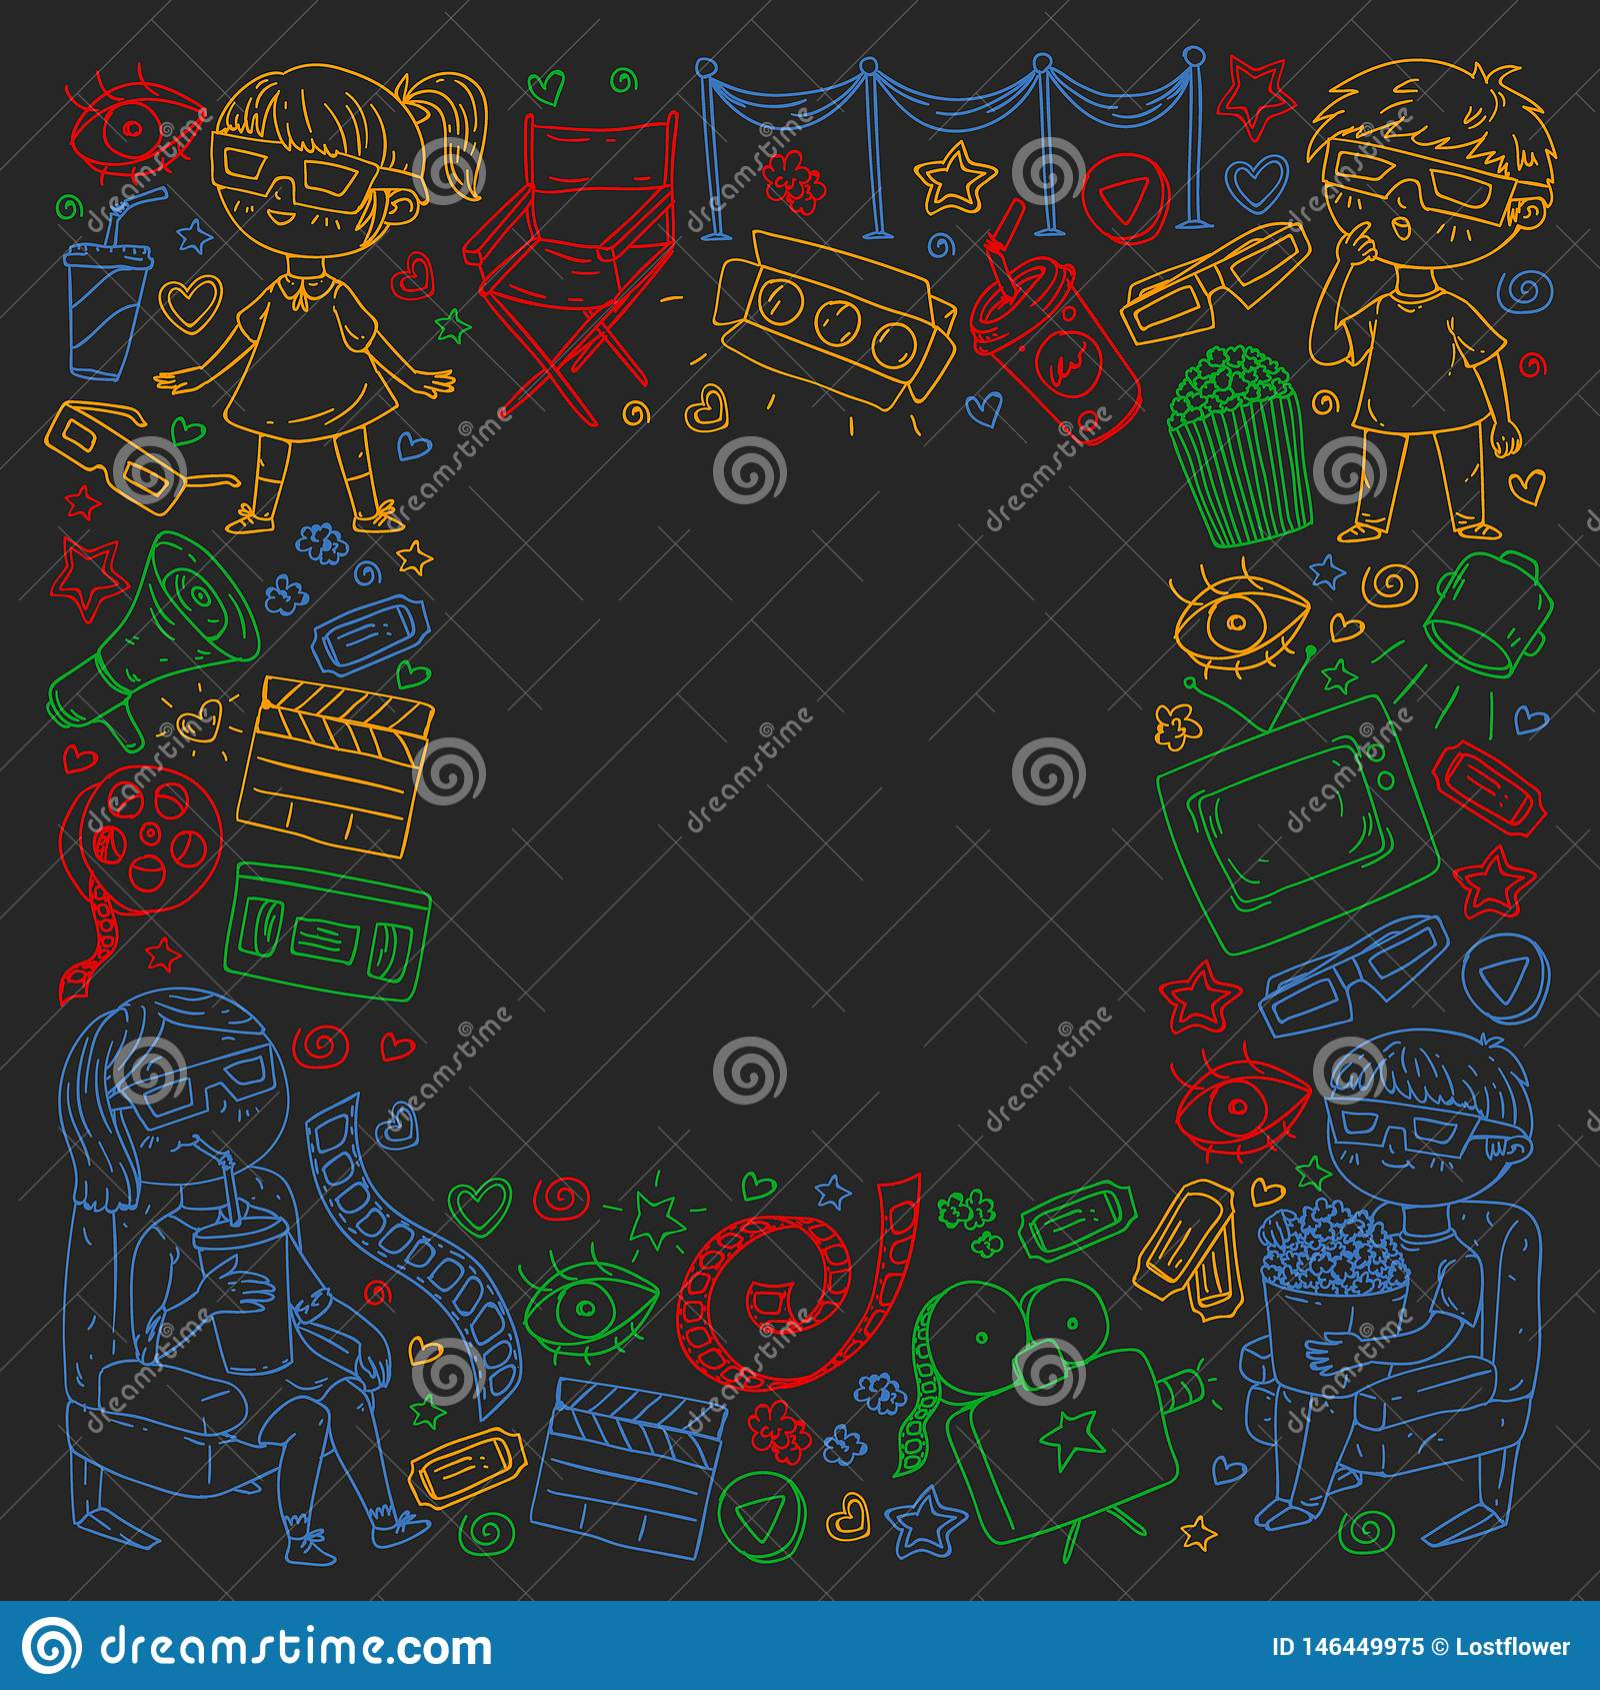 Картина вектора со значками кино кинотеатра, ТВ, попкорна, видеоклипа